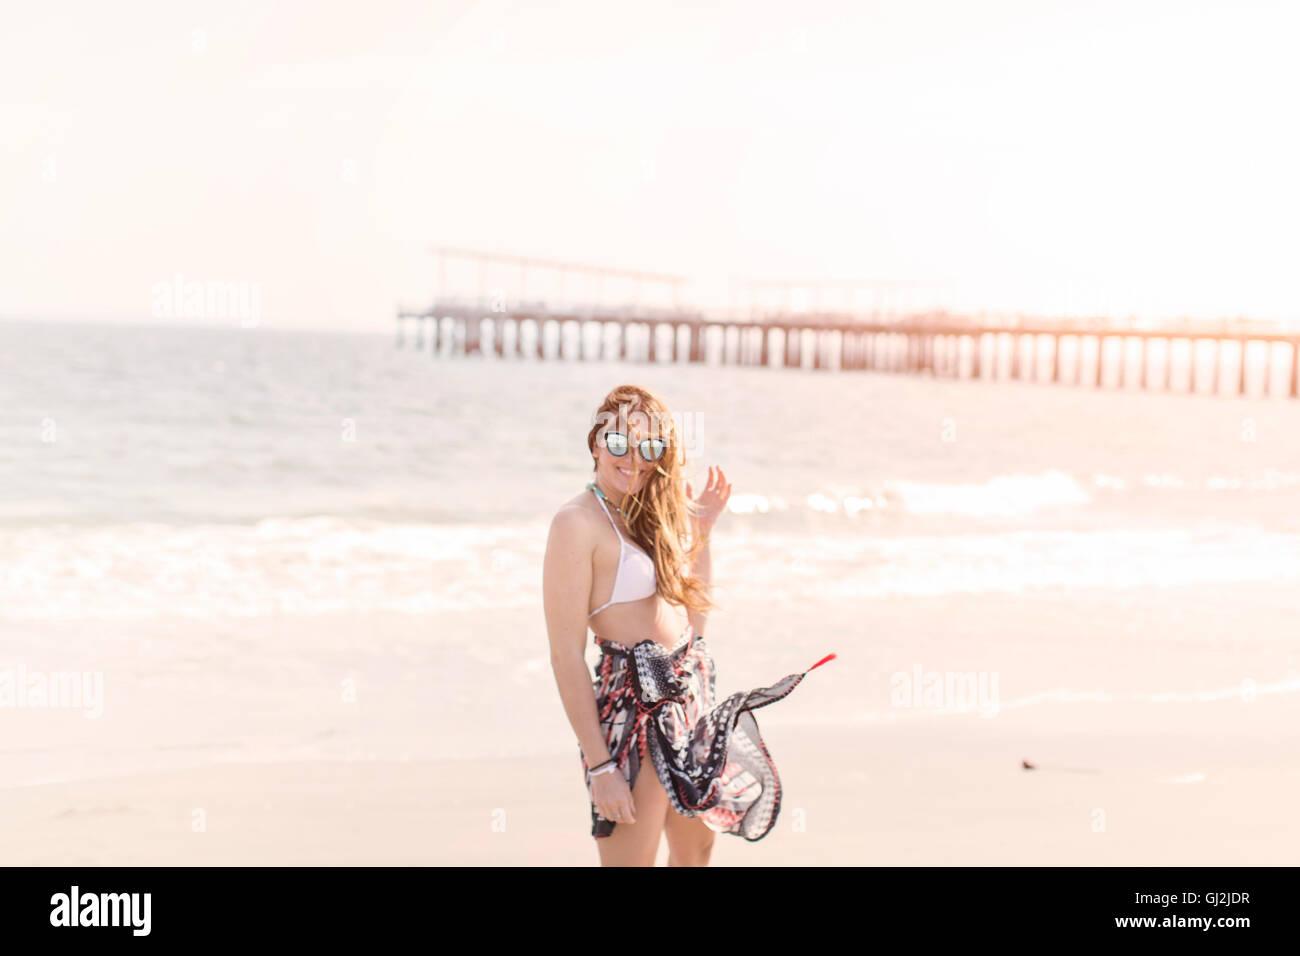 Donna che indossa sarong sulla spiaggia guardando la telecamera, Coney island, Brooklyn, New York, Stati Uniti d'America Immagini Stock